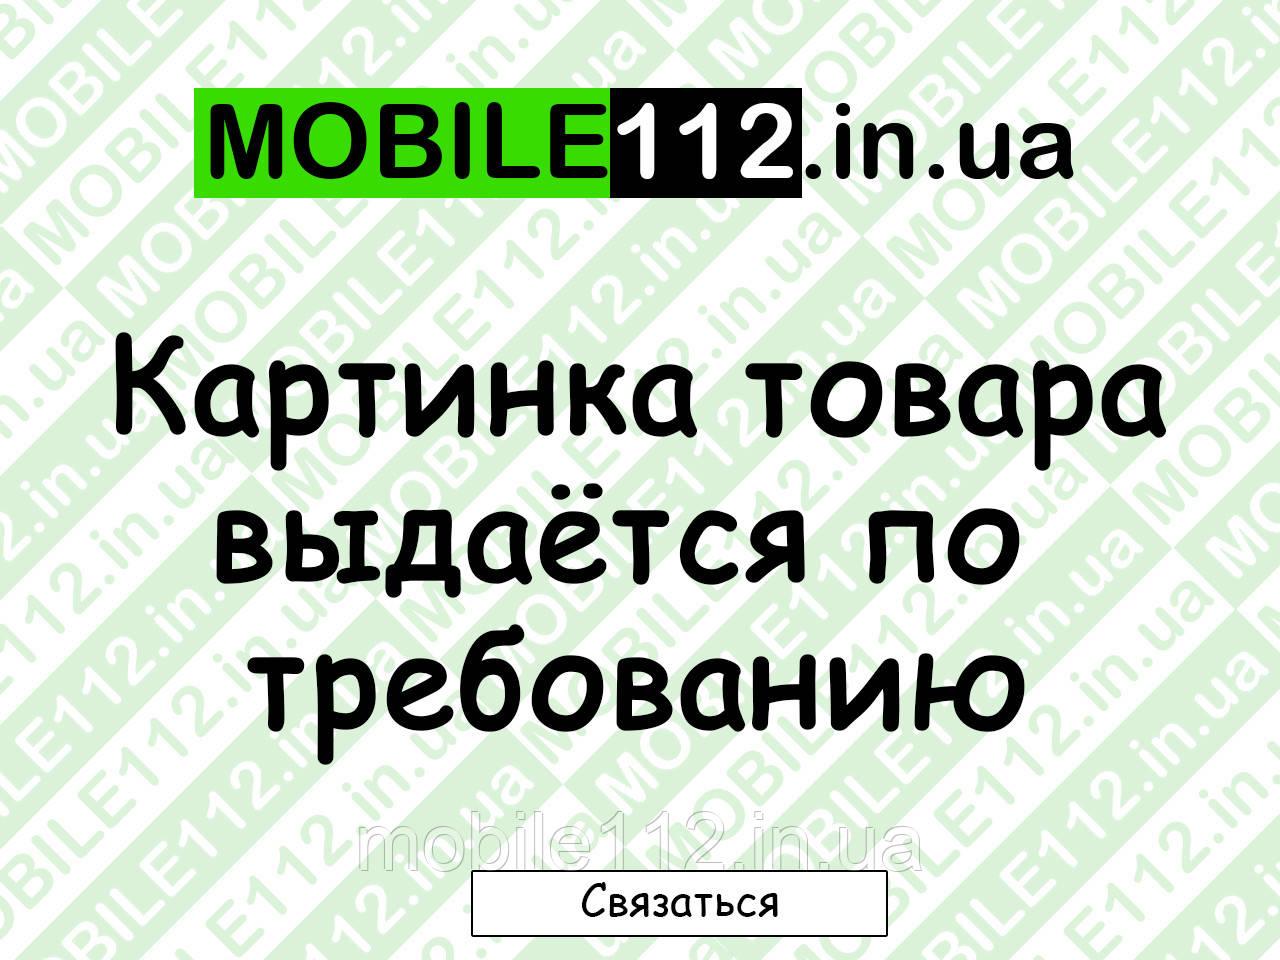 Дисплей для HTC 310 Desire Dual sim + touchscreen, чёрный, (127*63)